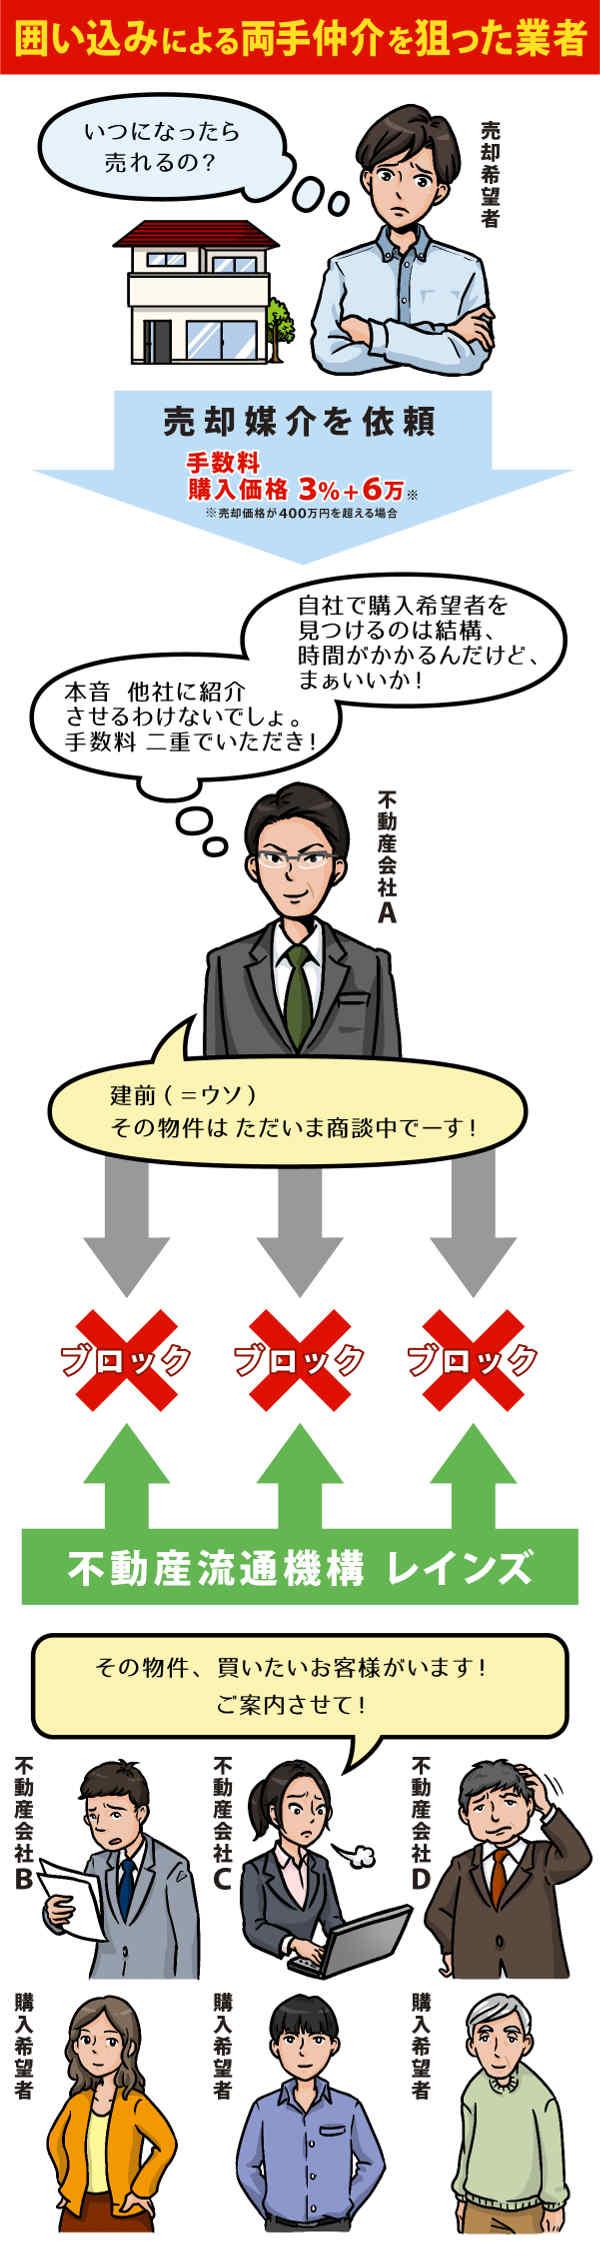 図2・両手仲介と囲い込み_02